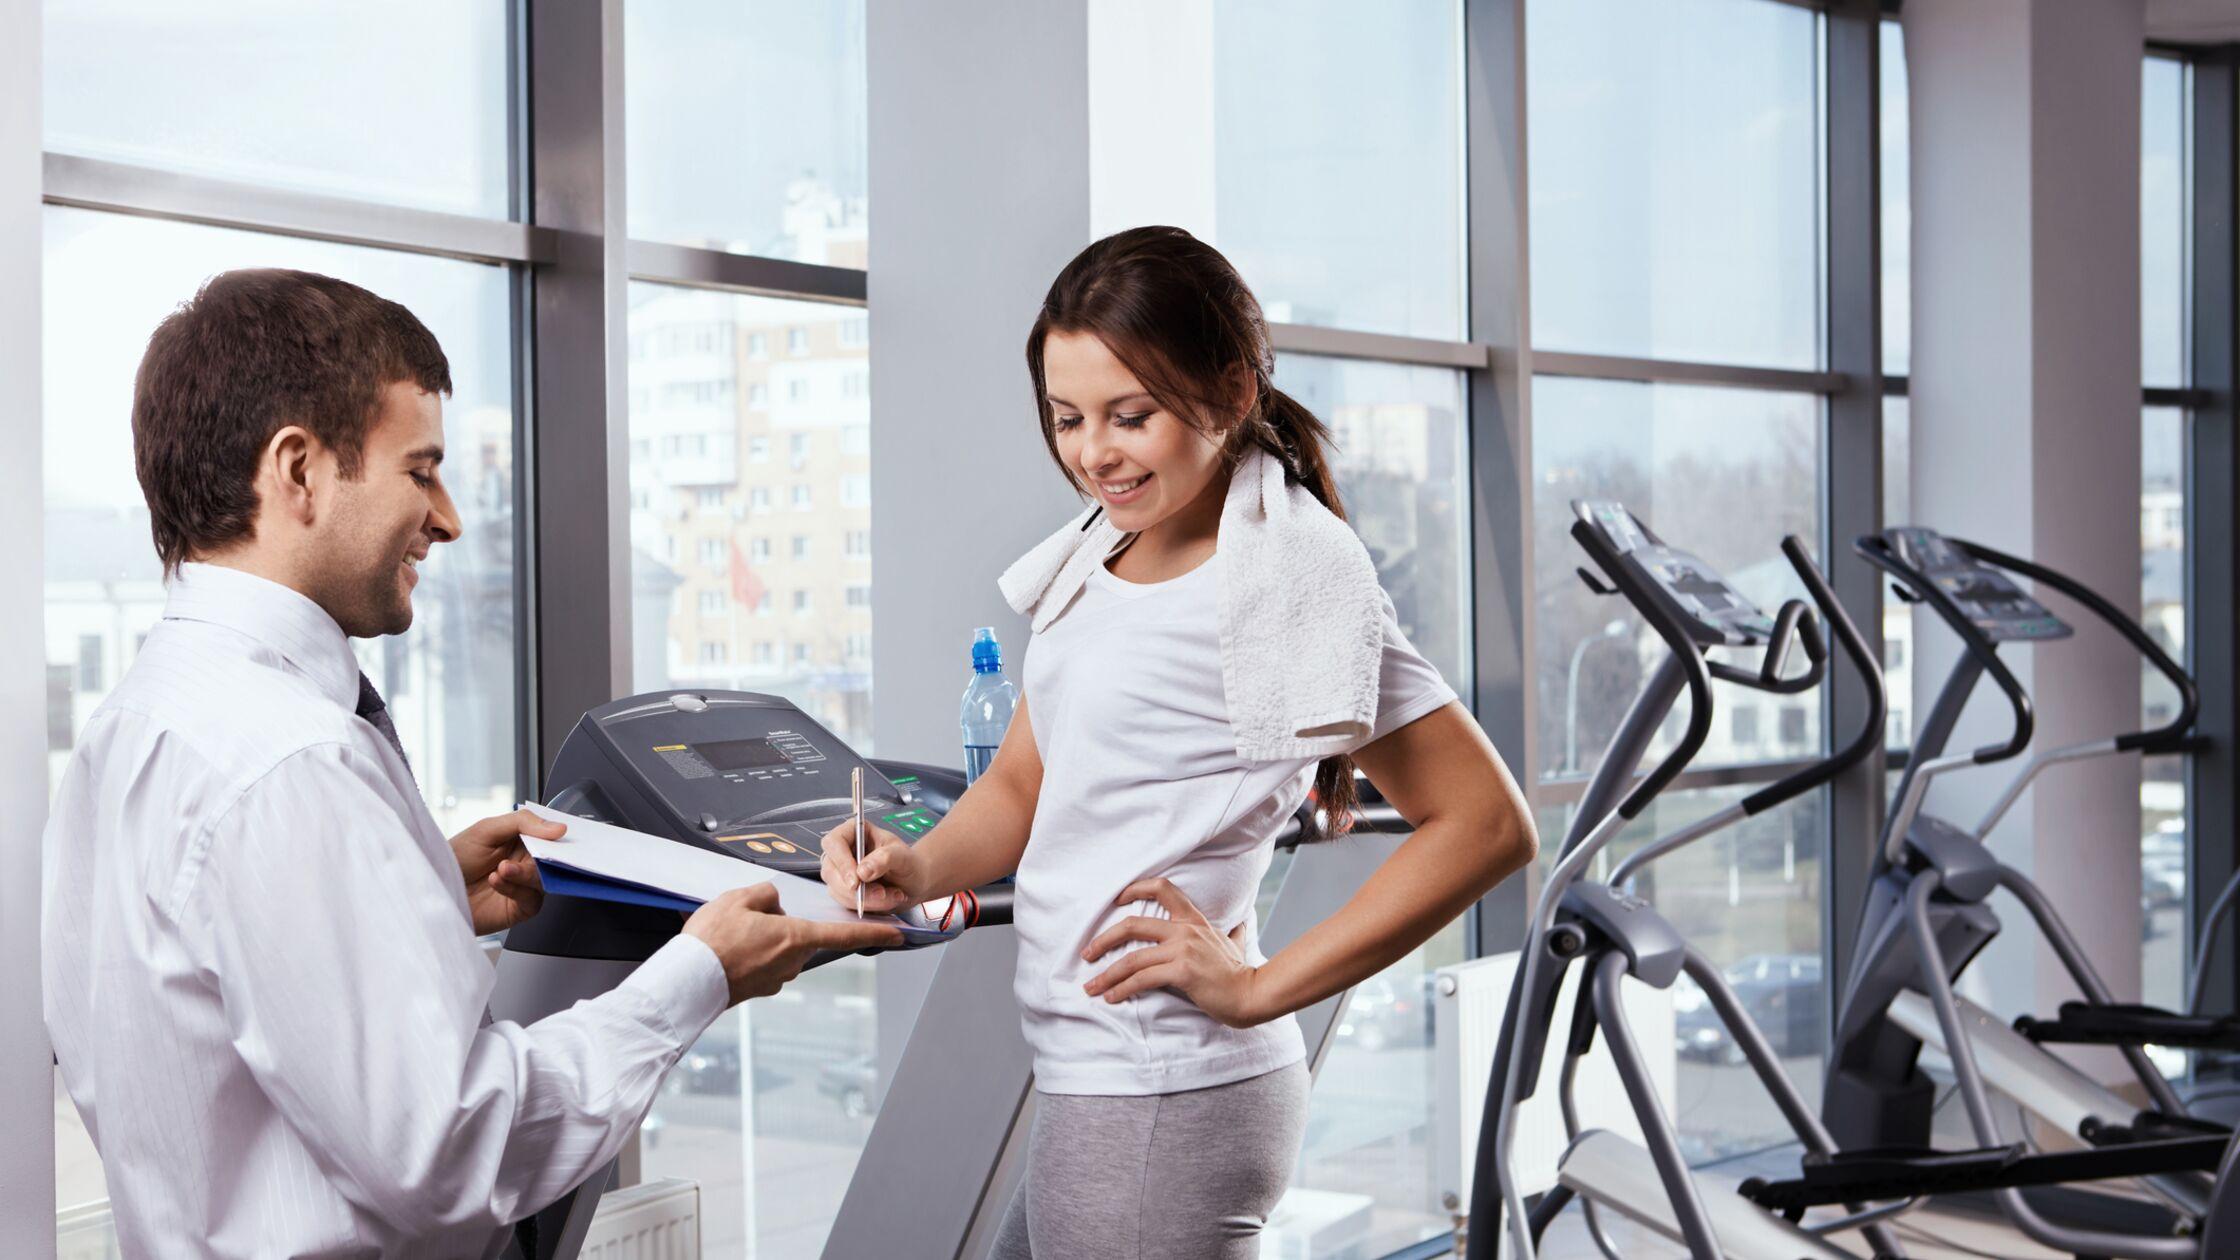 Junge Frau trainiert im Fitnessstuidion und unterschreibt ein Dokument